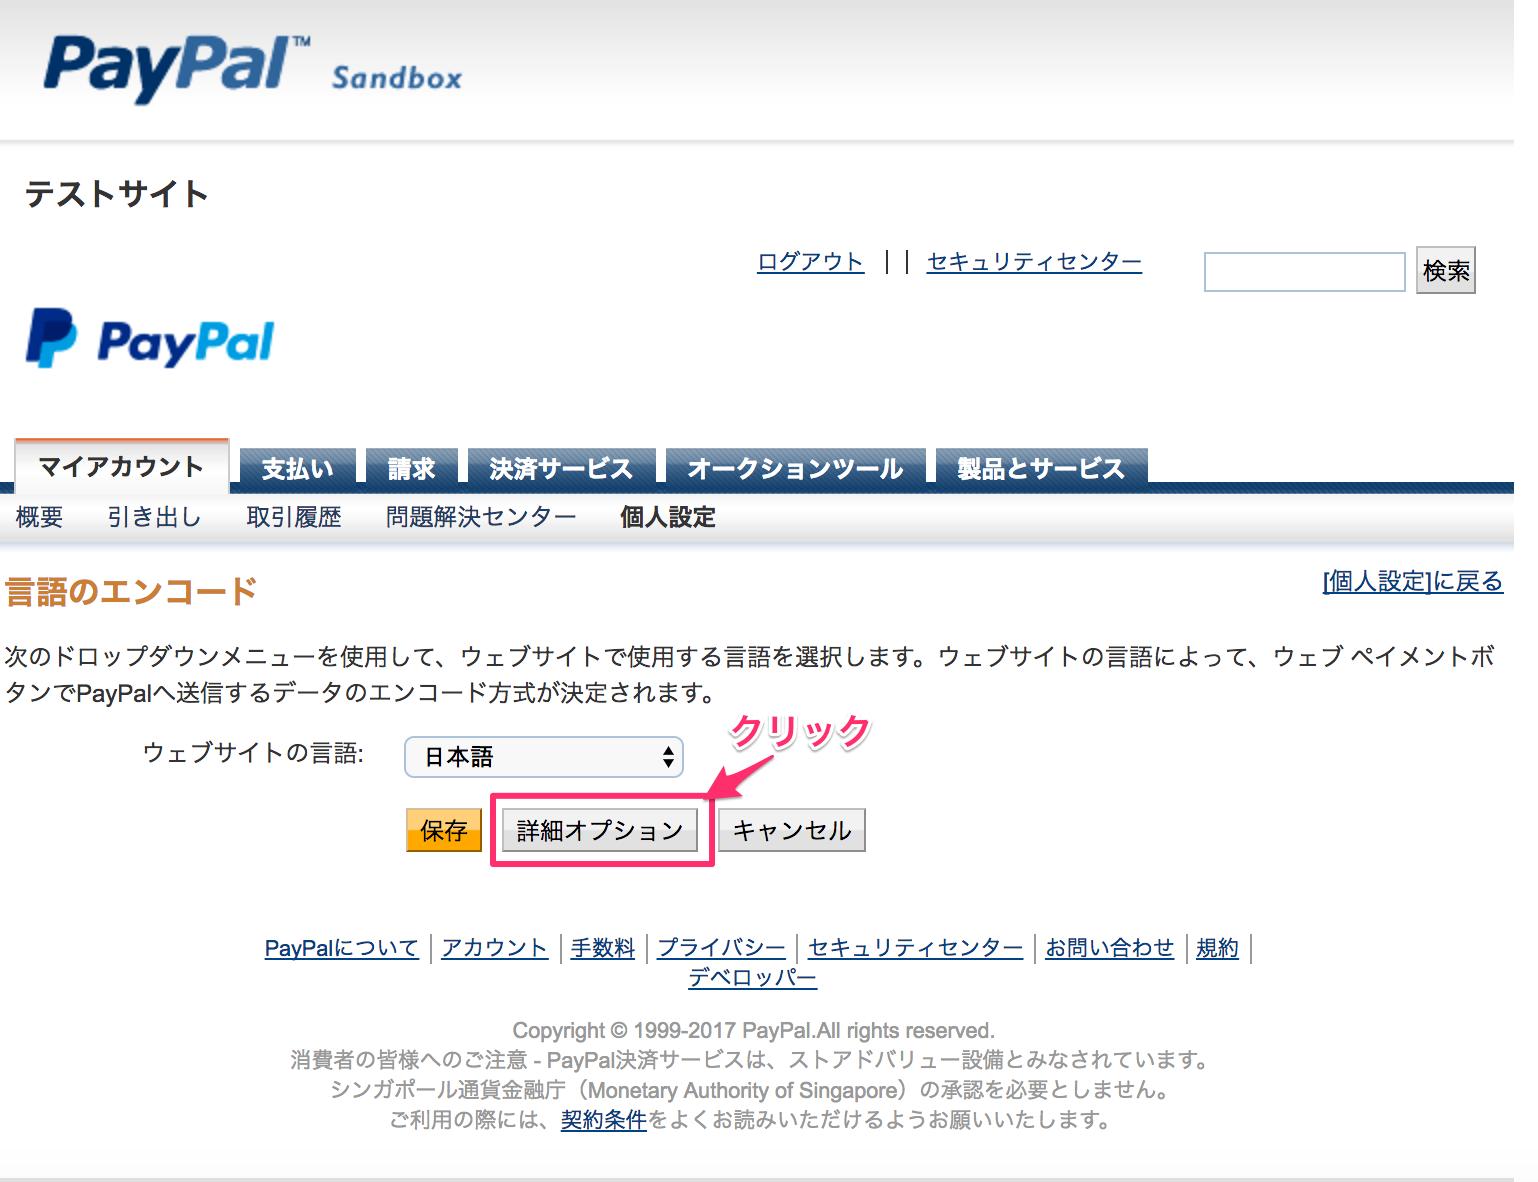 paypal_sandbox_button_3_4